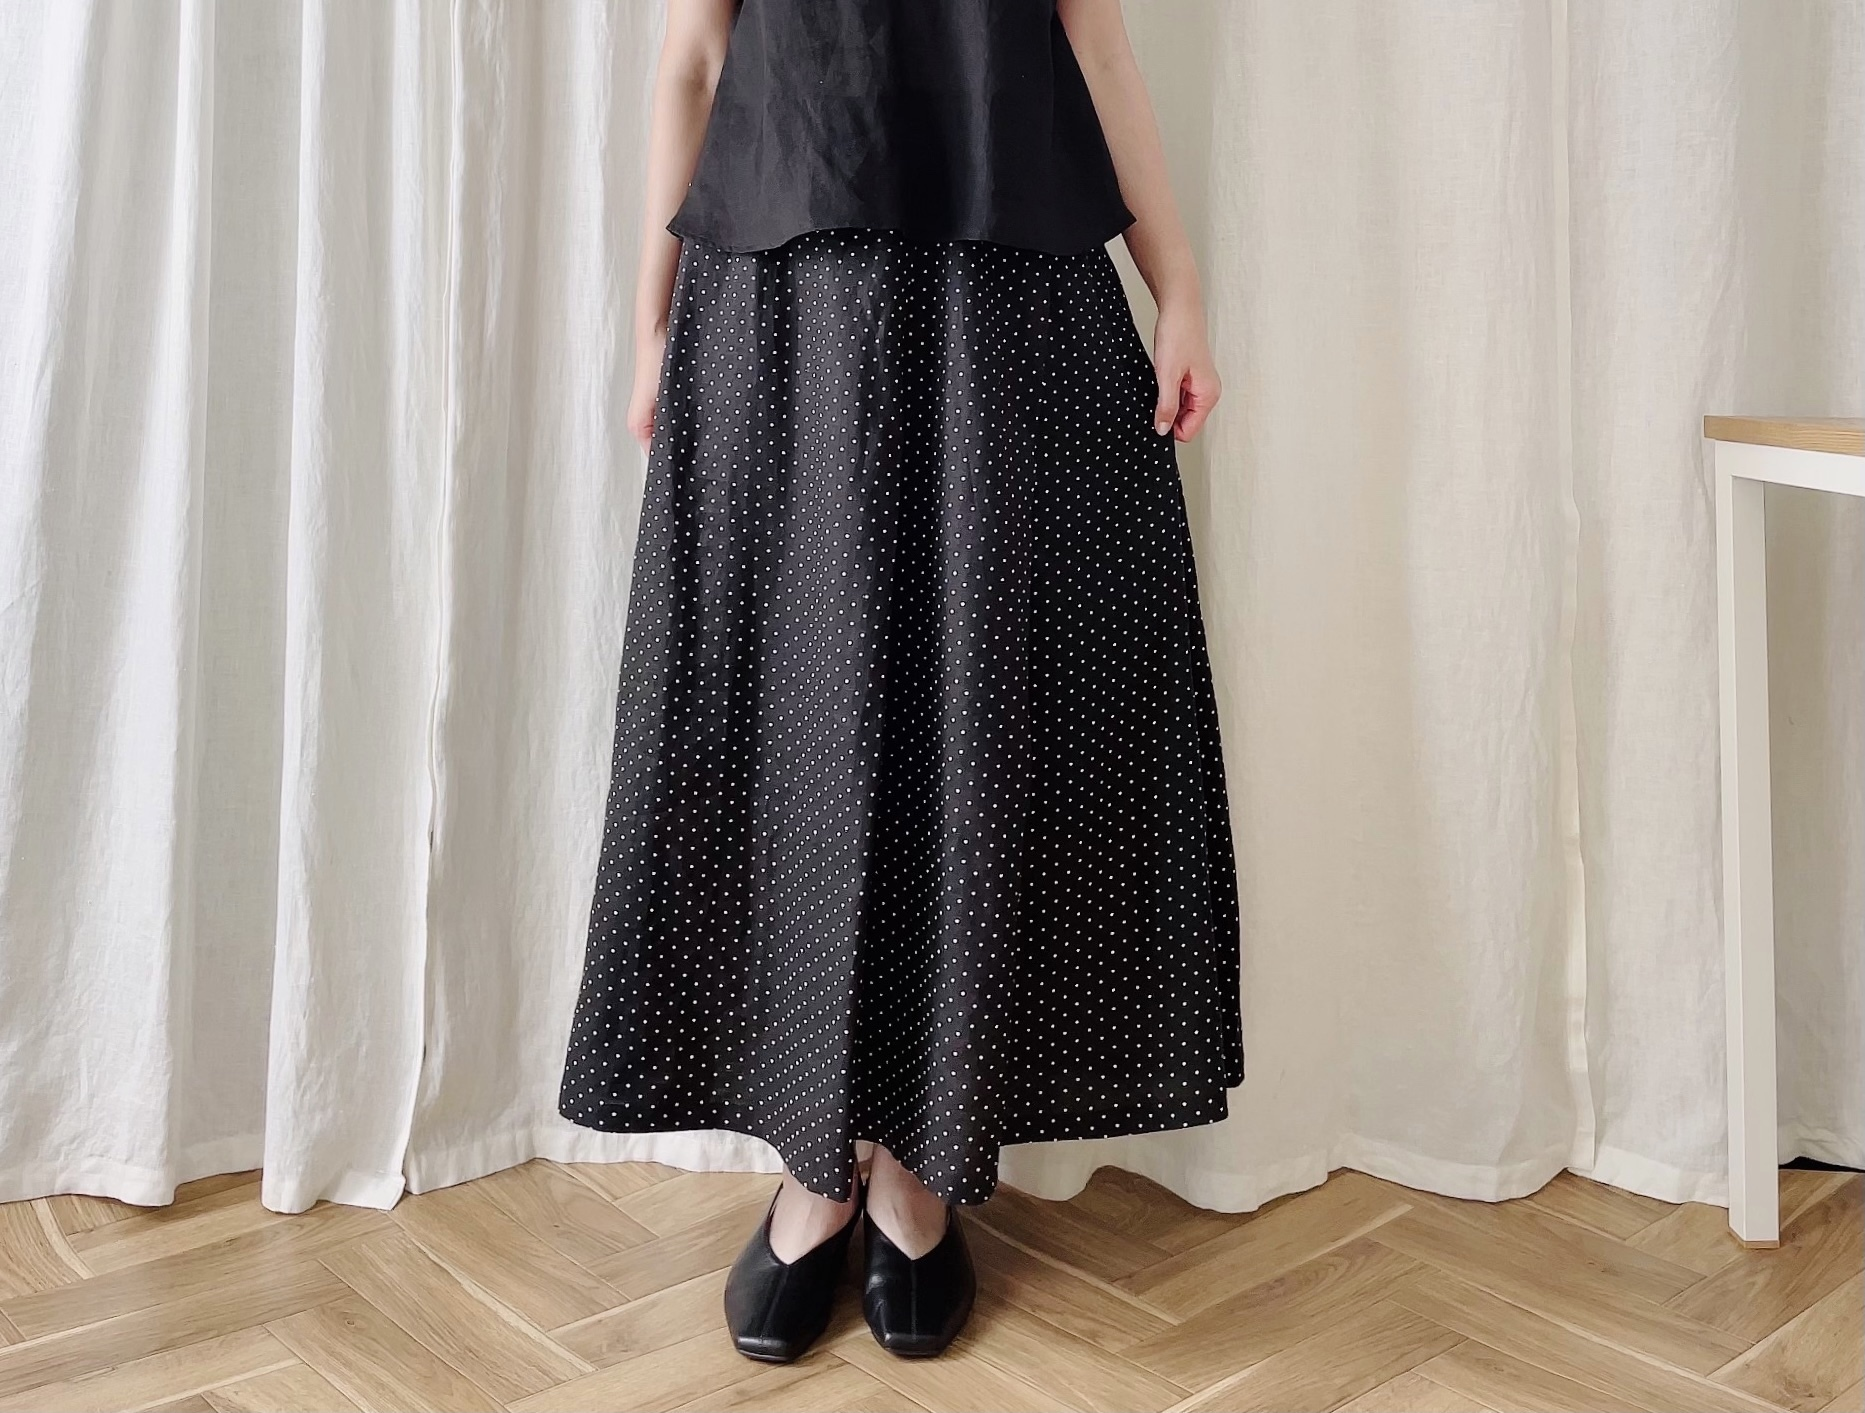 【◎特別価格】アシンメトリータックフレアーロングスカート(ドットプリント黒)リネン100%